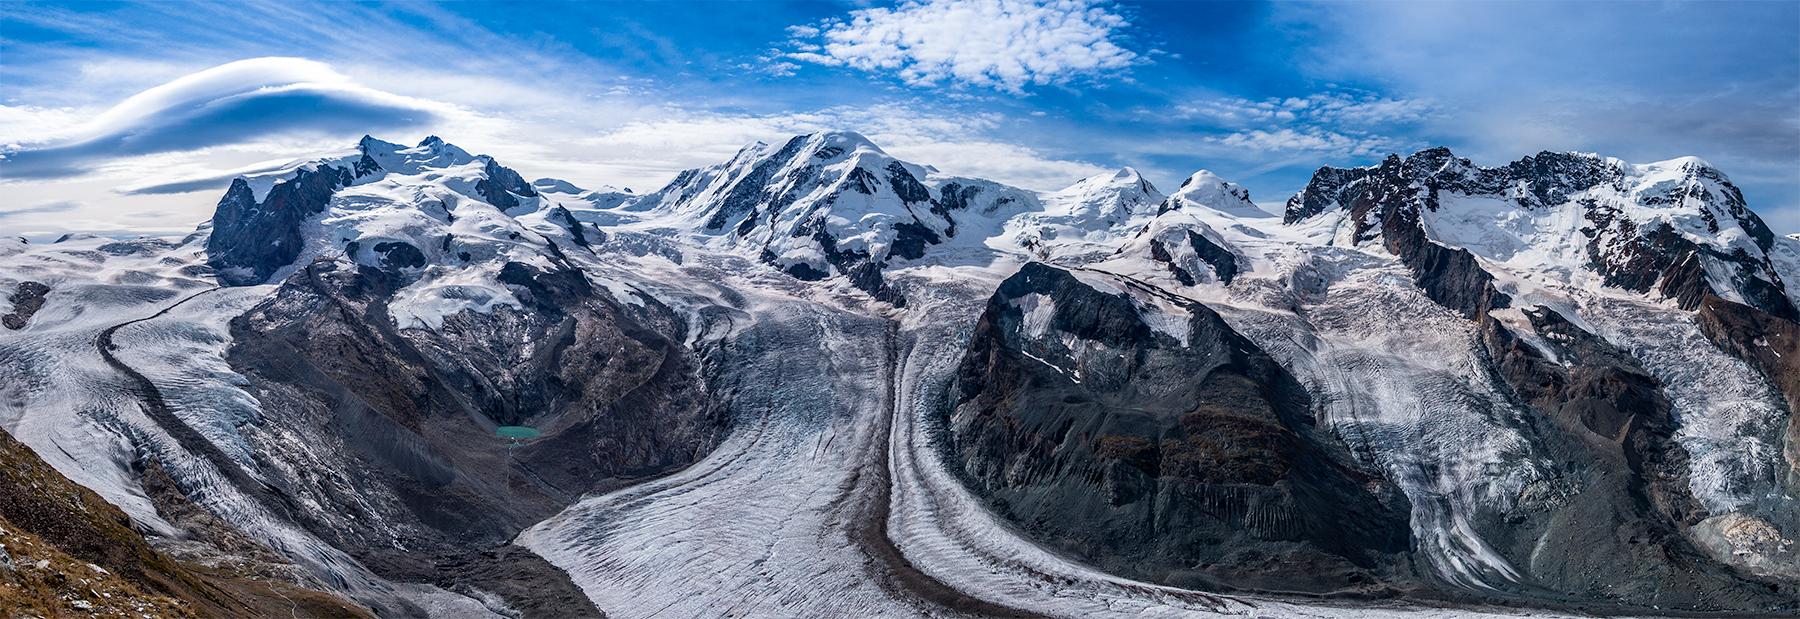 Monte Rosa massief met de dufourspitze